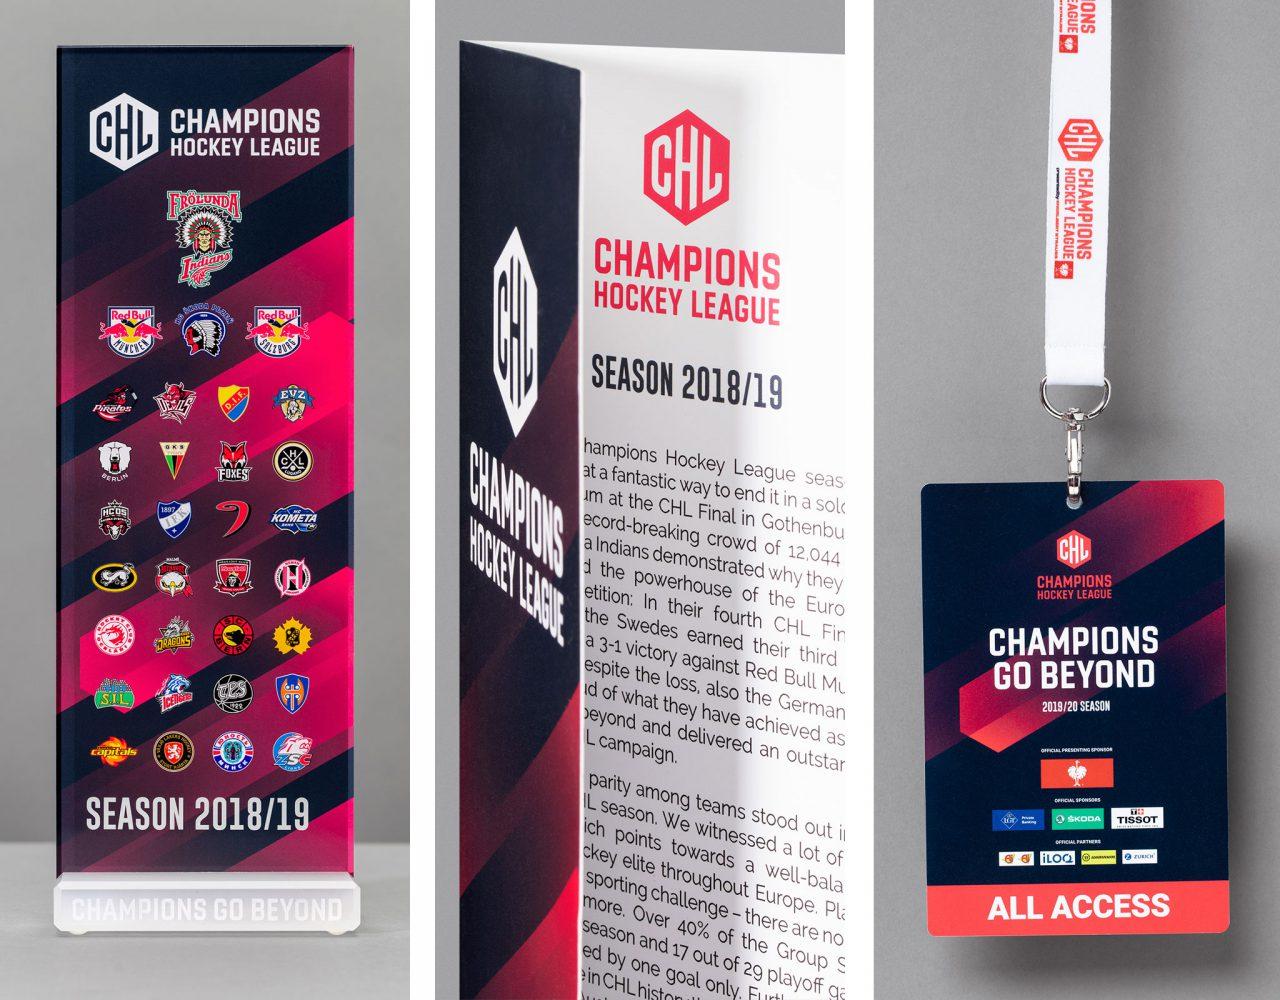 Details des Corporate Designs der Champions Hockey League